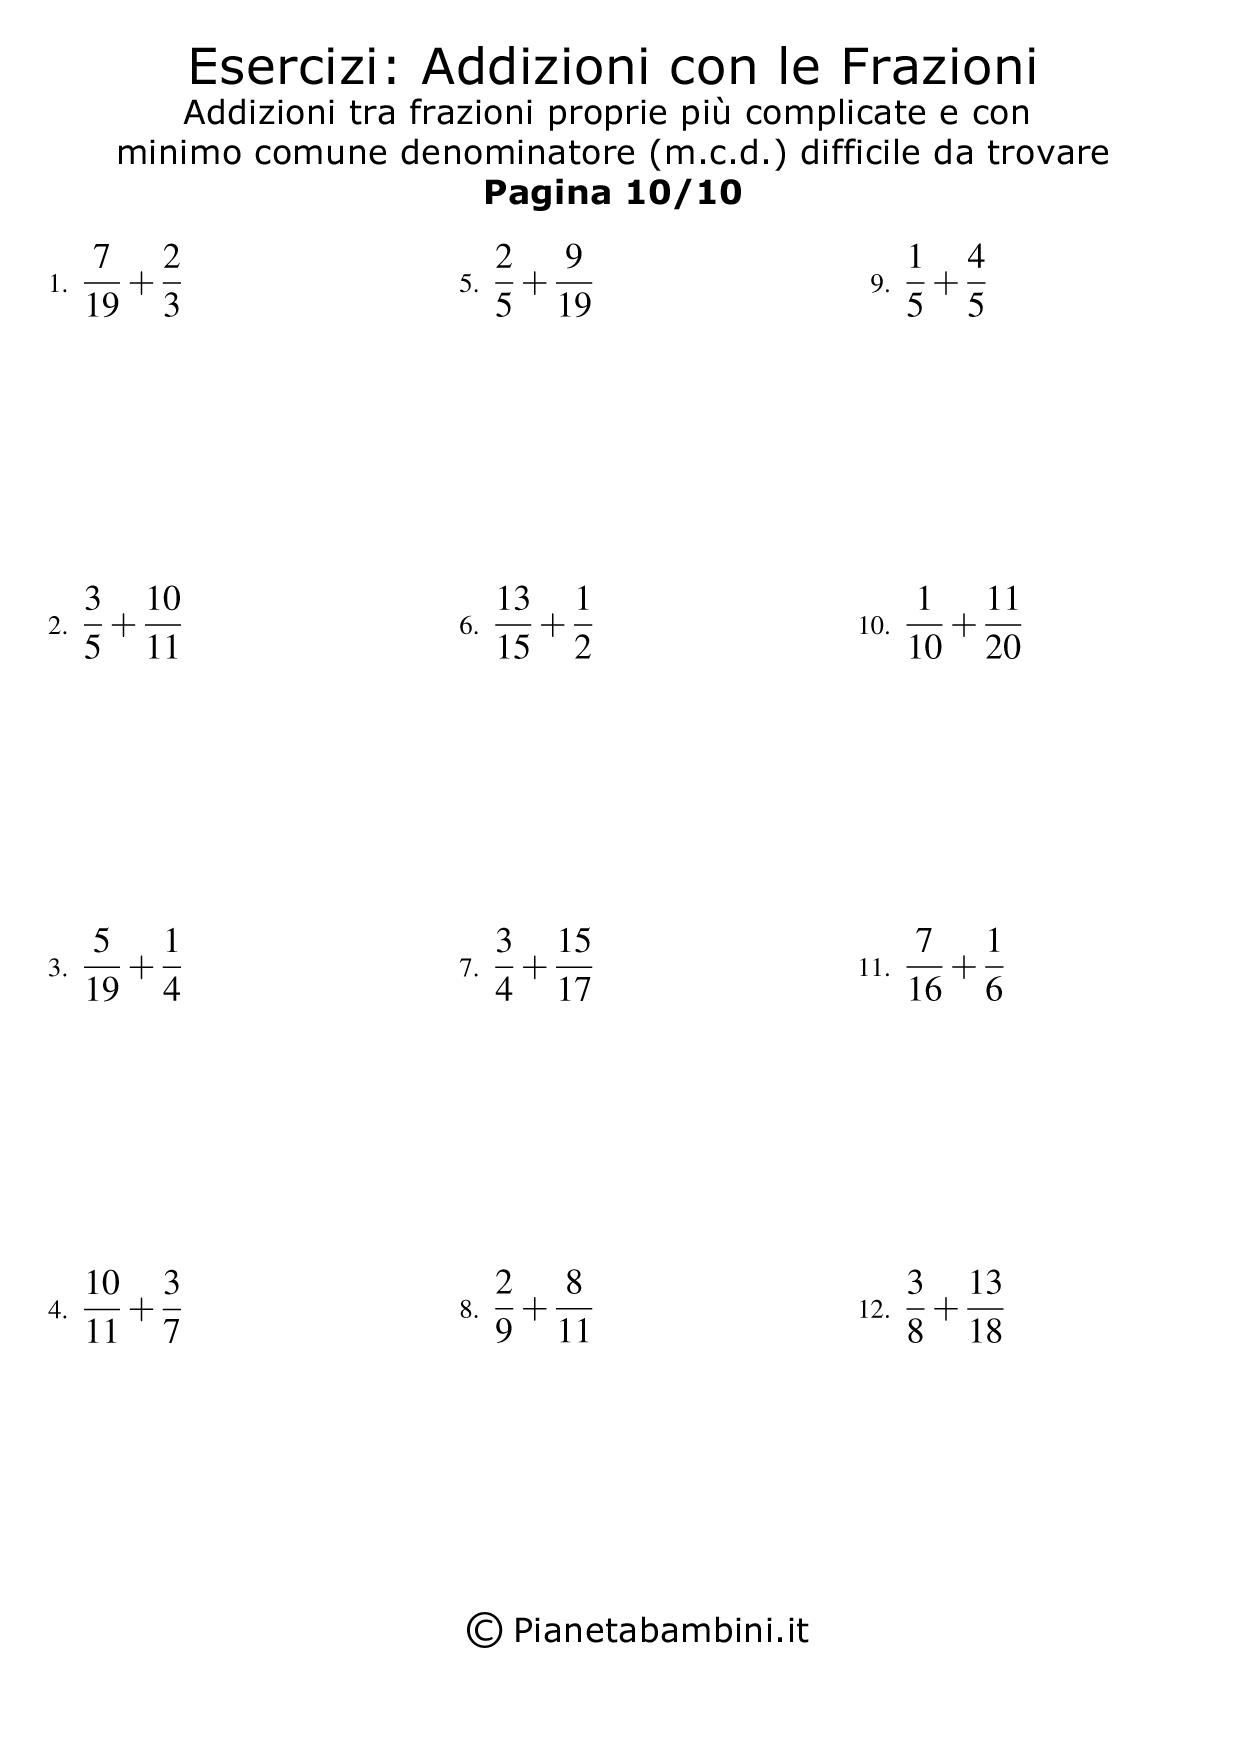 Frazioni-Difficili-m.c.d-difficile_10